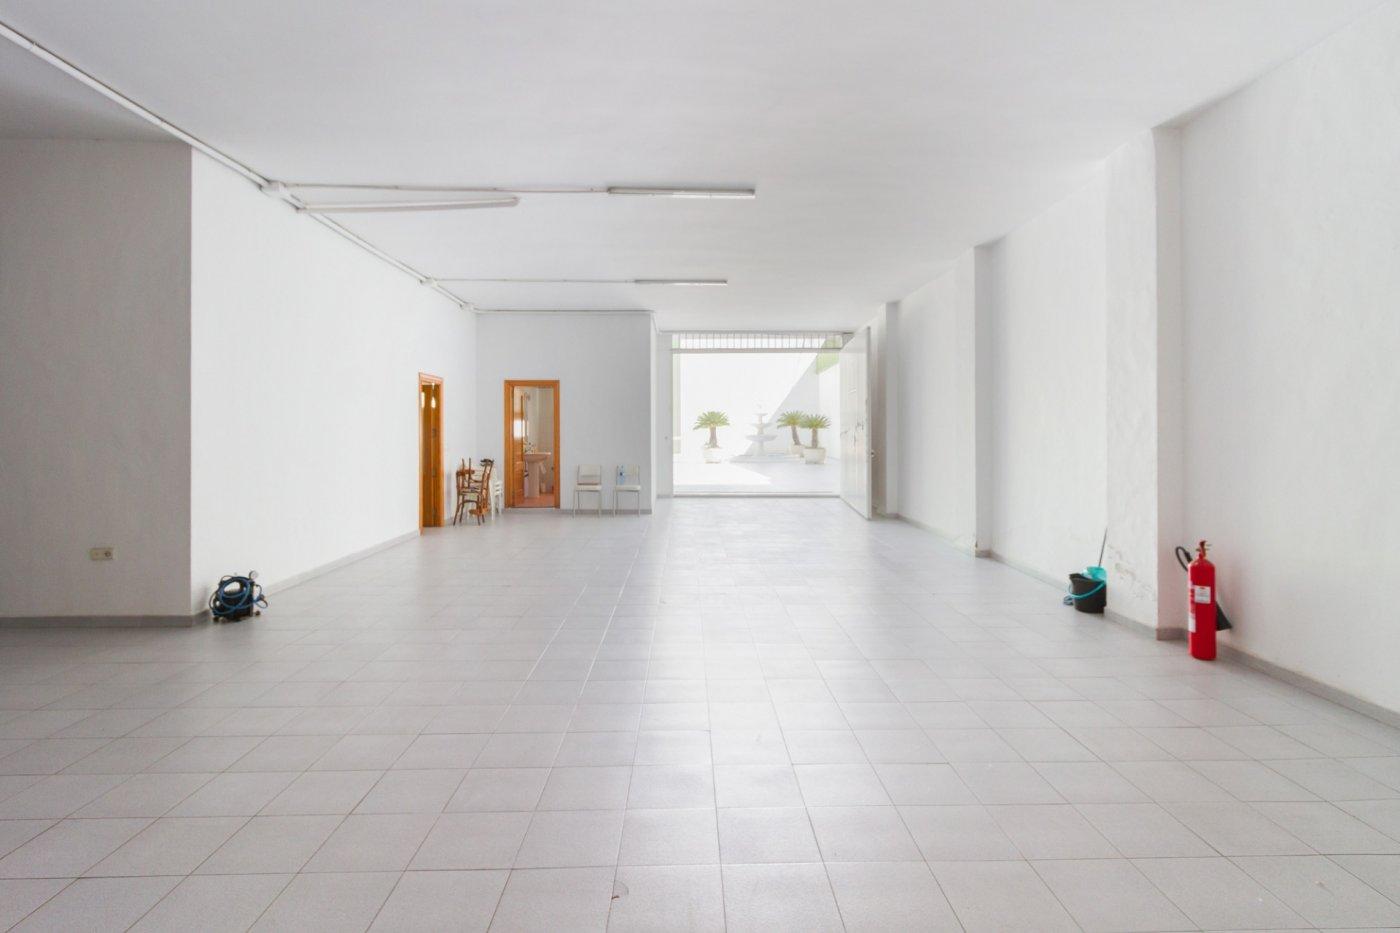 Gran casa en gandia de 800 m2 con casa de verano y nave de 300m2 - imagenInmueble19